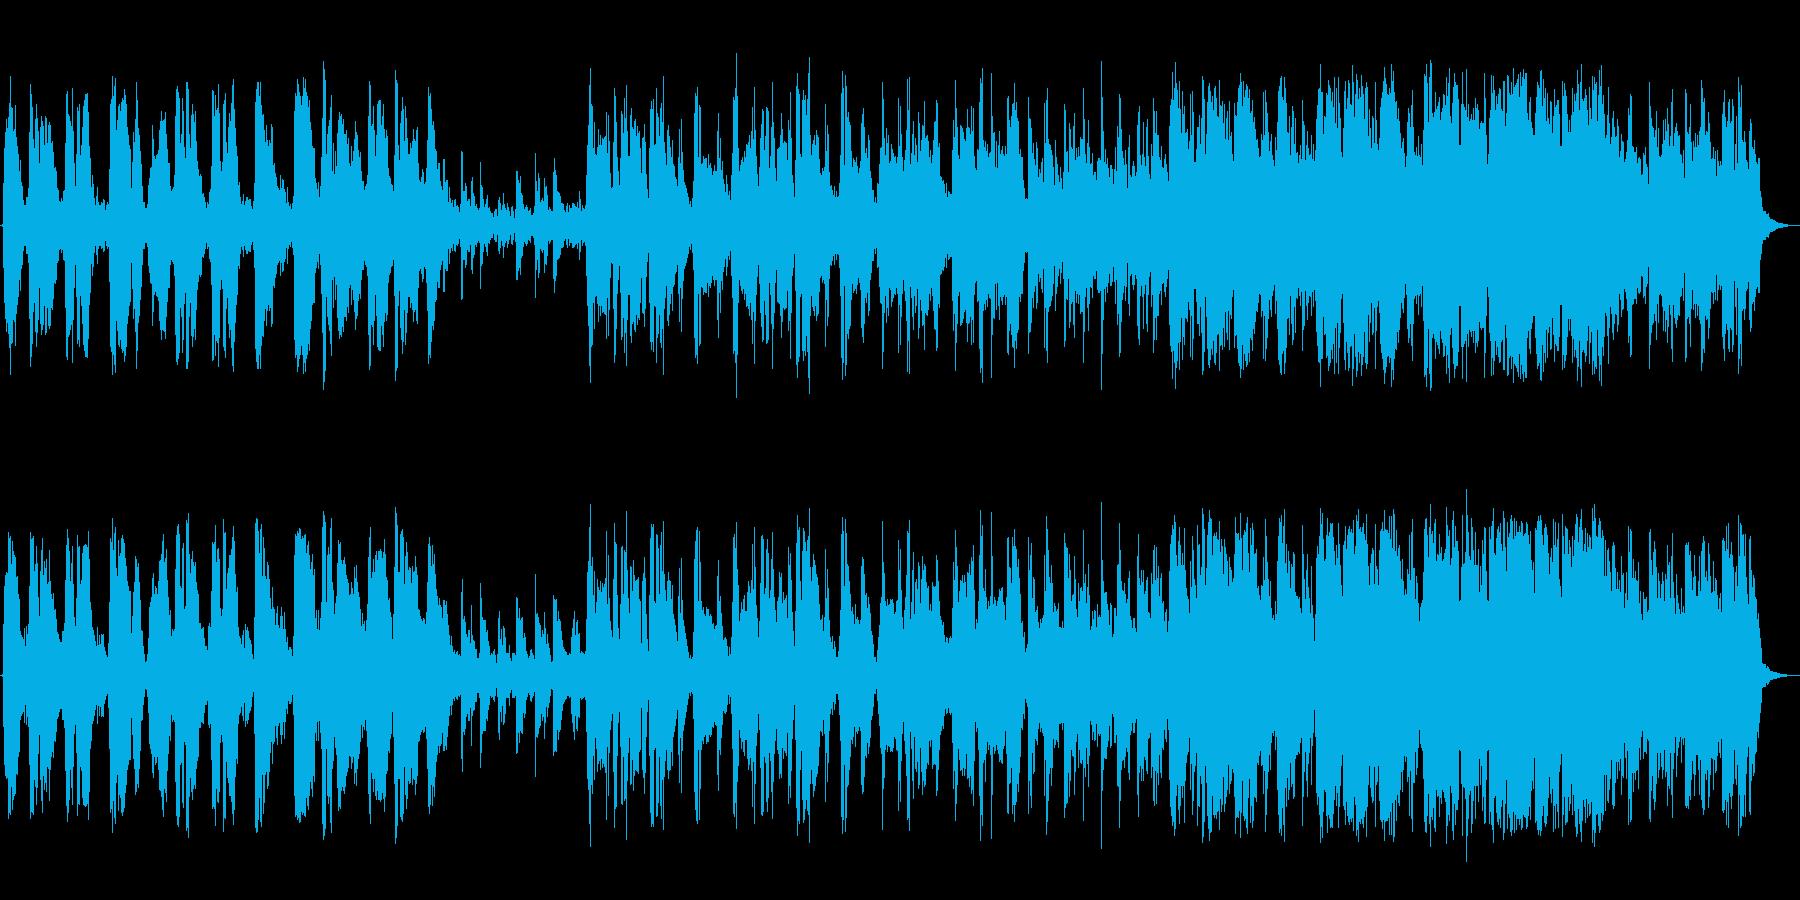 バイオリンクラシックの再生済みの波形